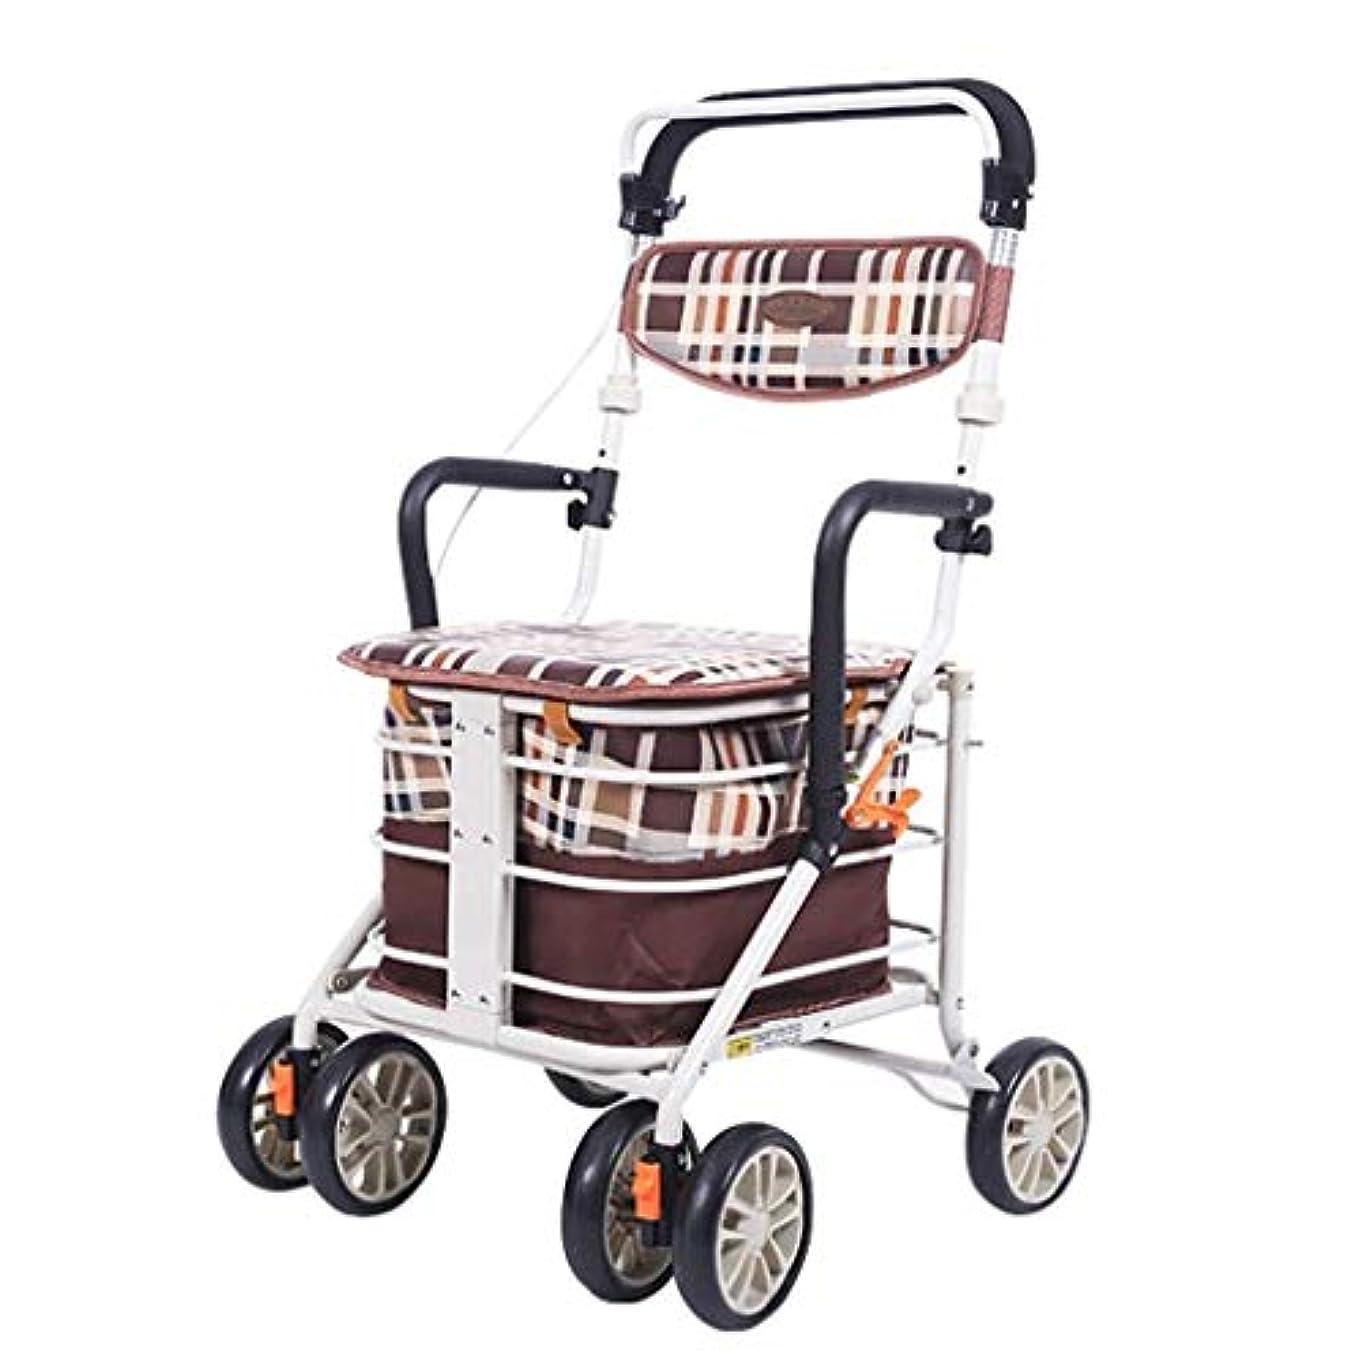 著名な広々適応するハンドブレーキ高齢者歩行者が付いている軽量のアルミ合金の座席を折る多機能歩行者のトロリーショッピングカート